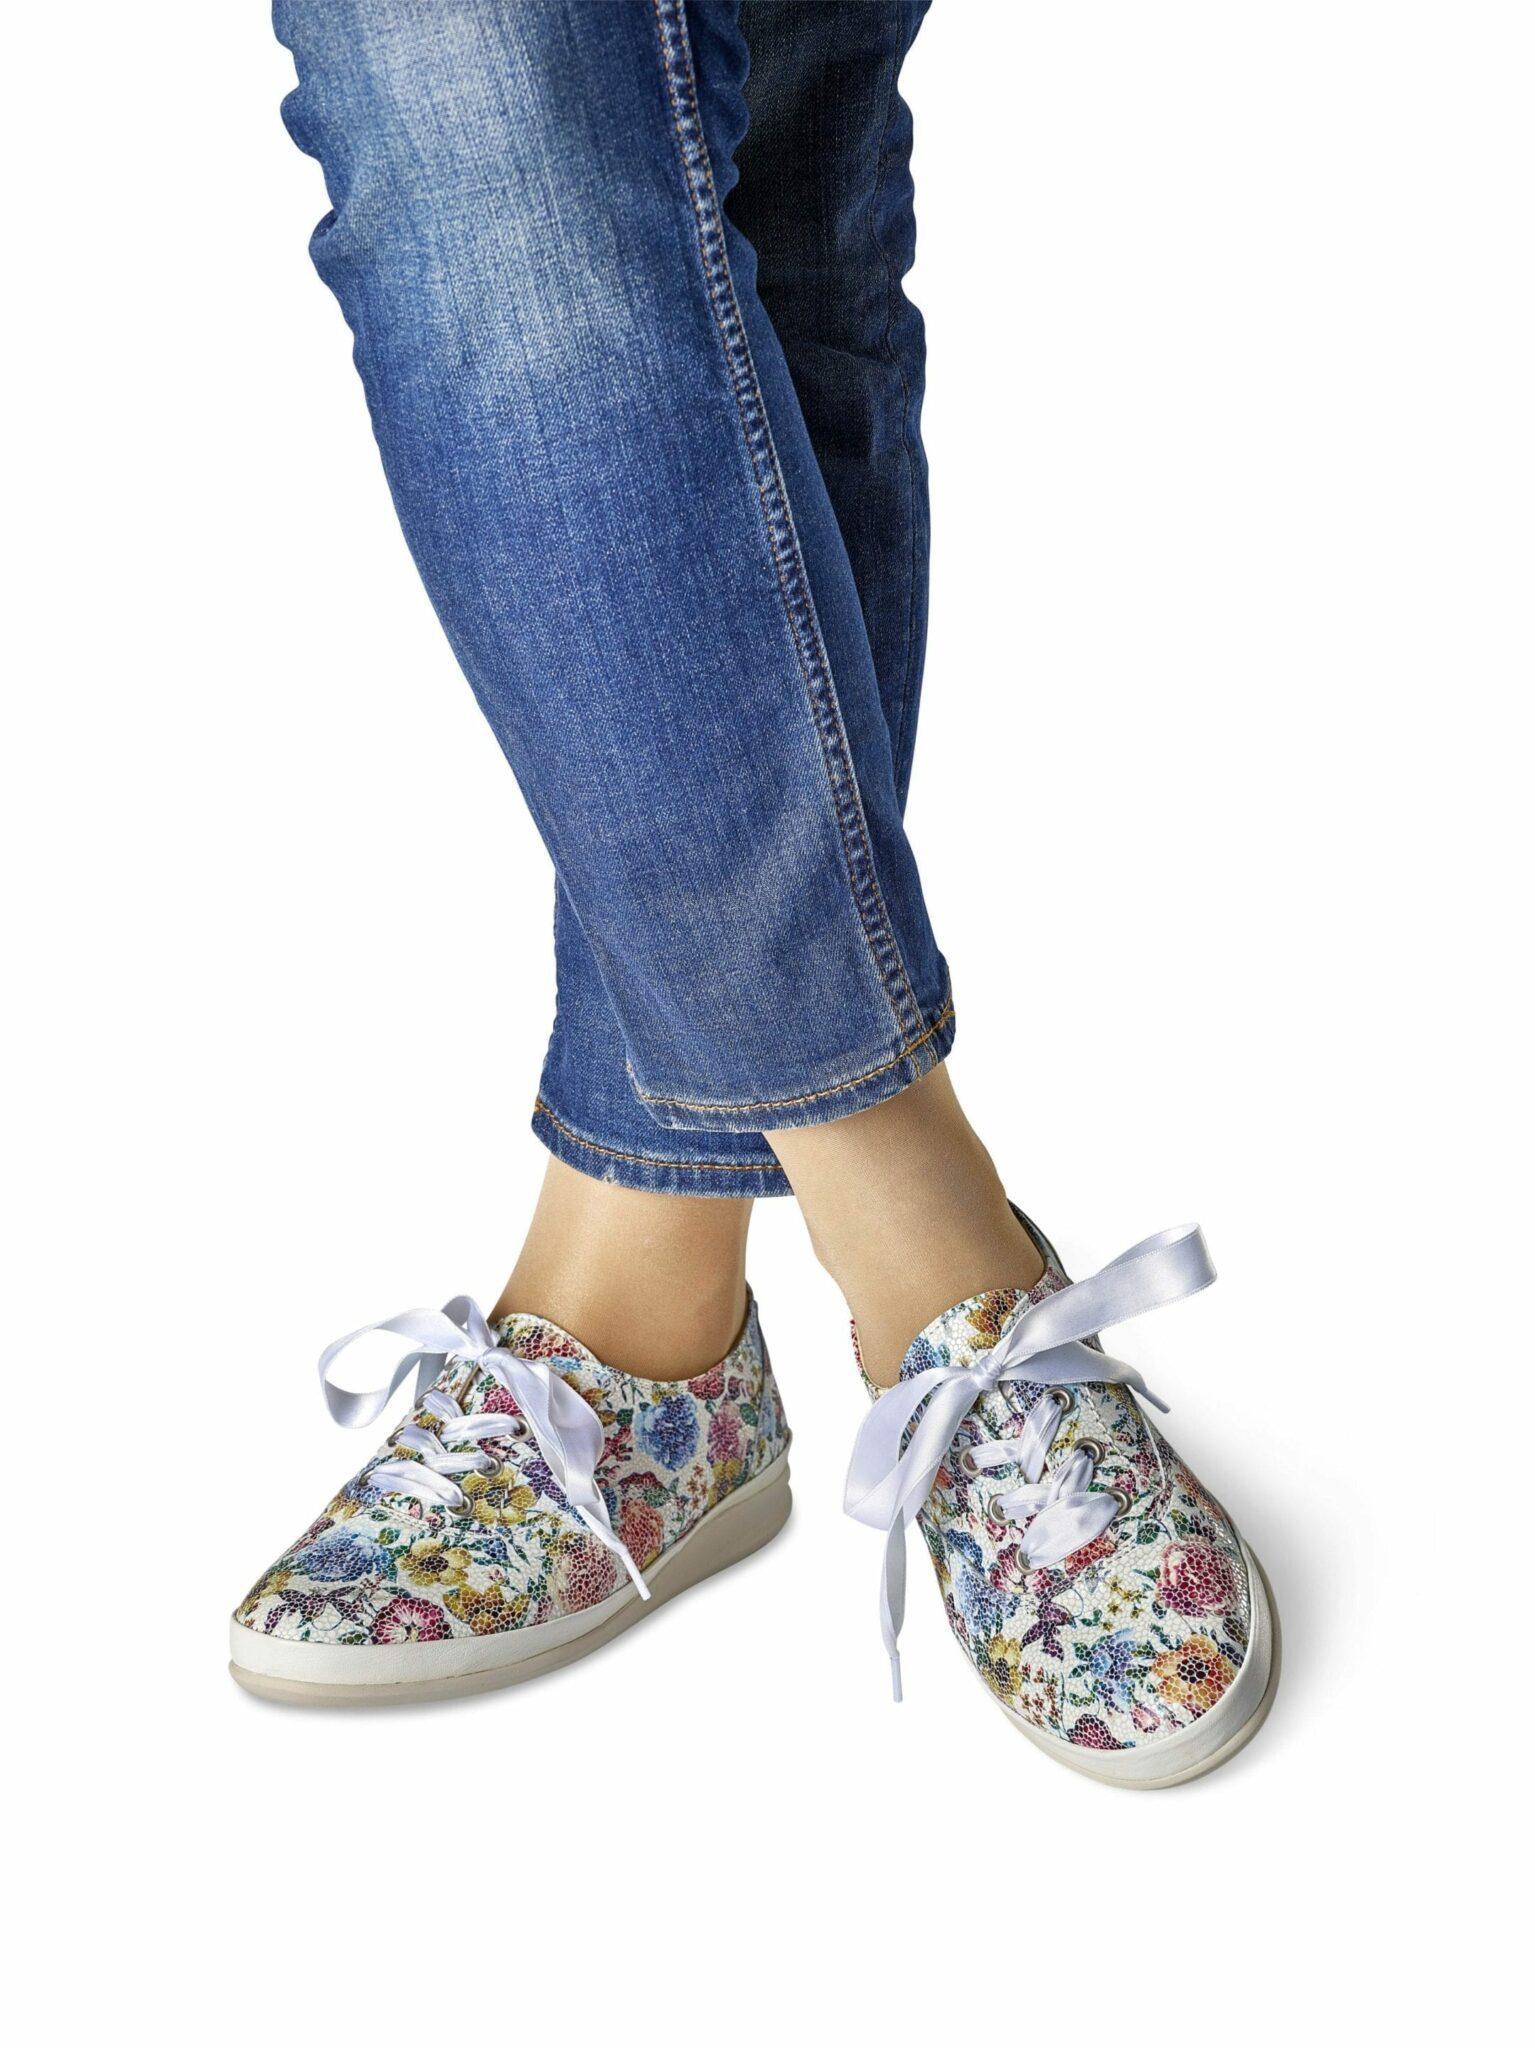 821a24b30c3 Vi har ett stort sortiment av sandaler med löstagbara innersulor, där Du  kan använda dina egna fotinlägg.